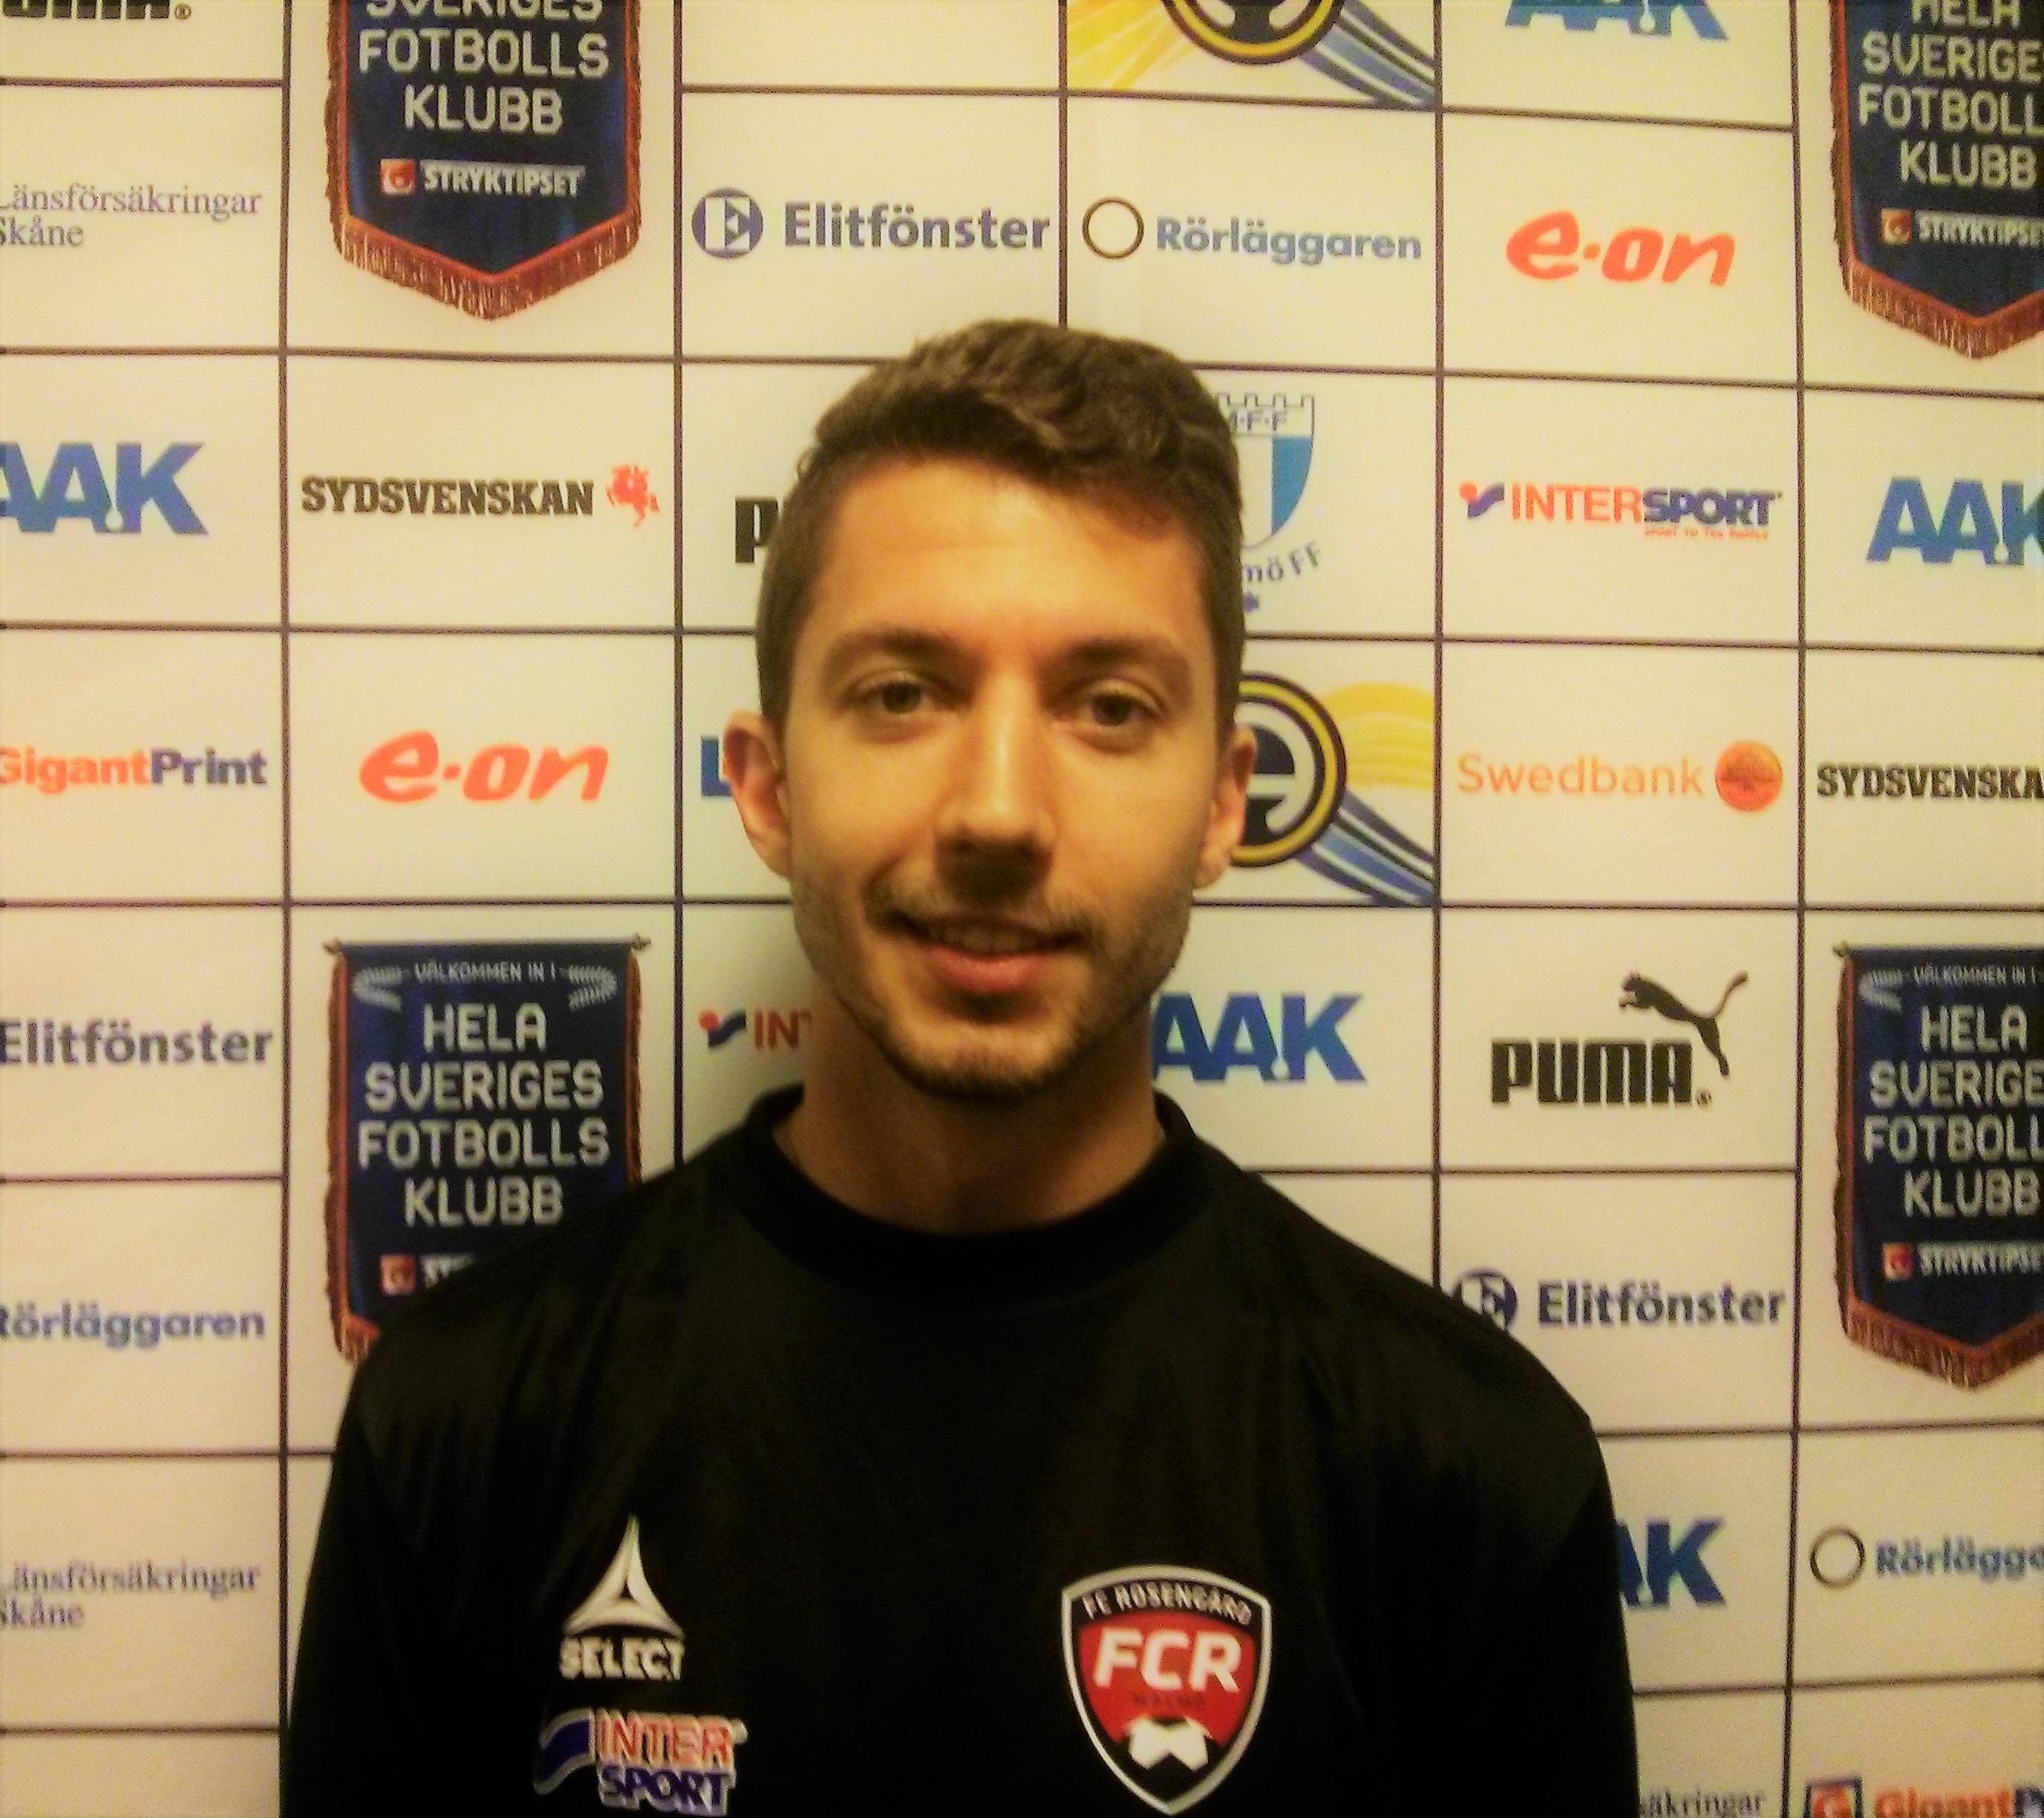 Posing for FC Rosengard